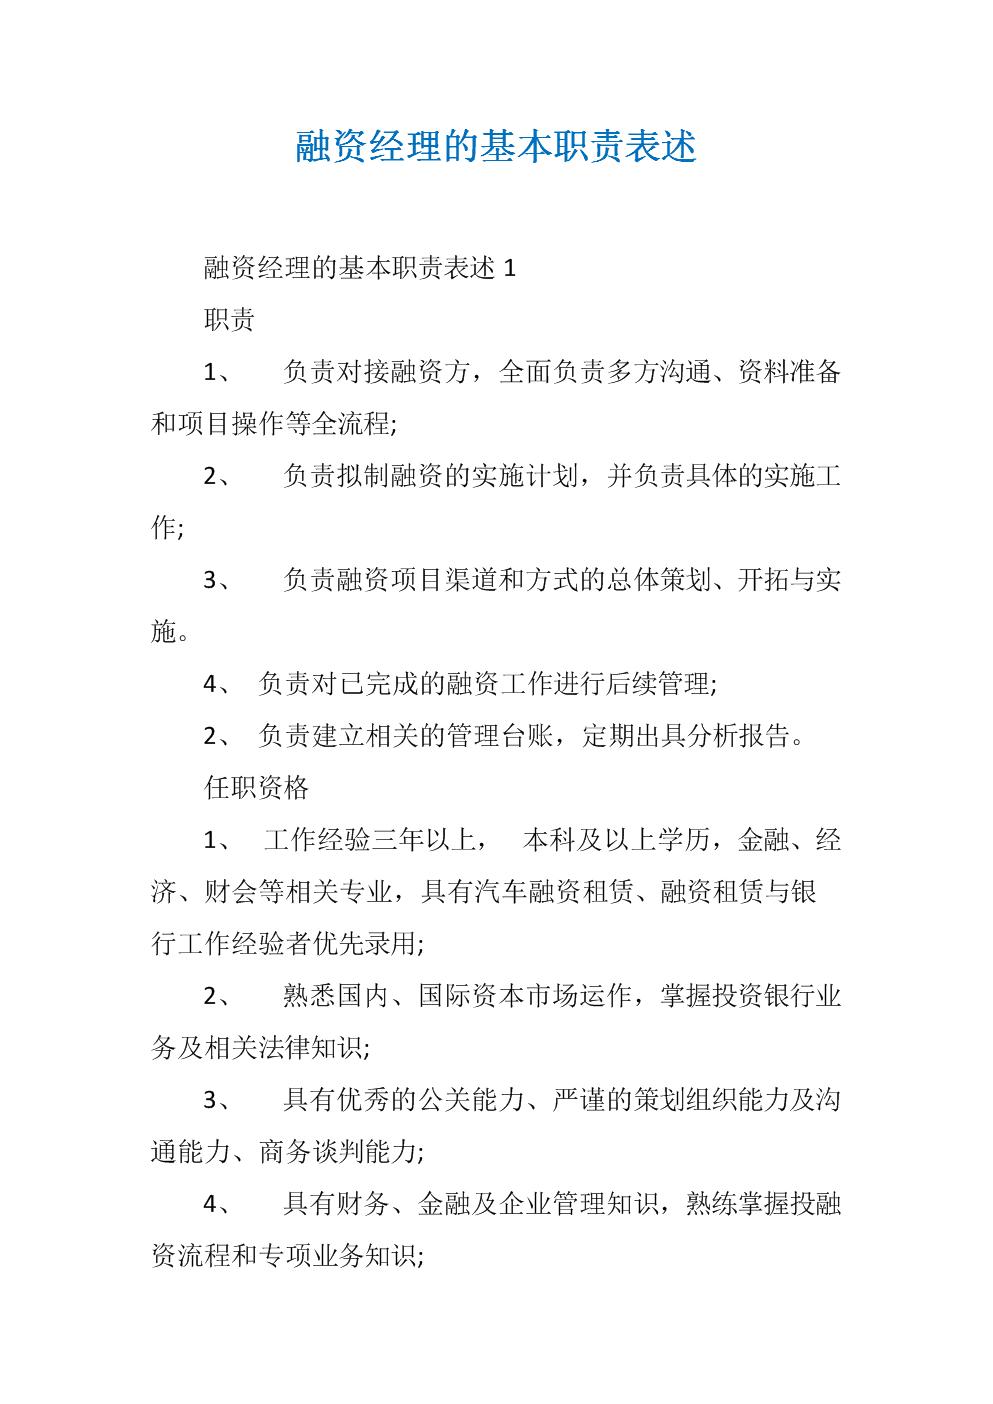 融资经理的基本职责表述【推荐】.docx